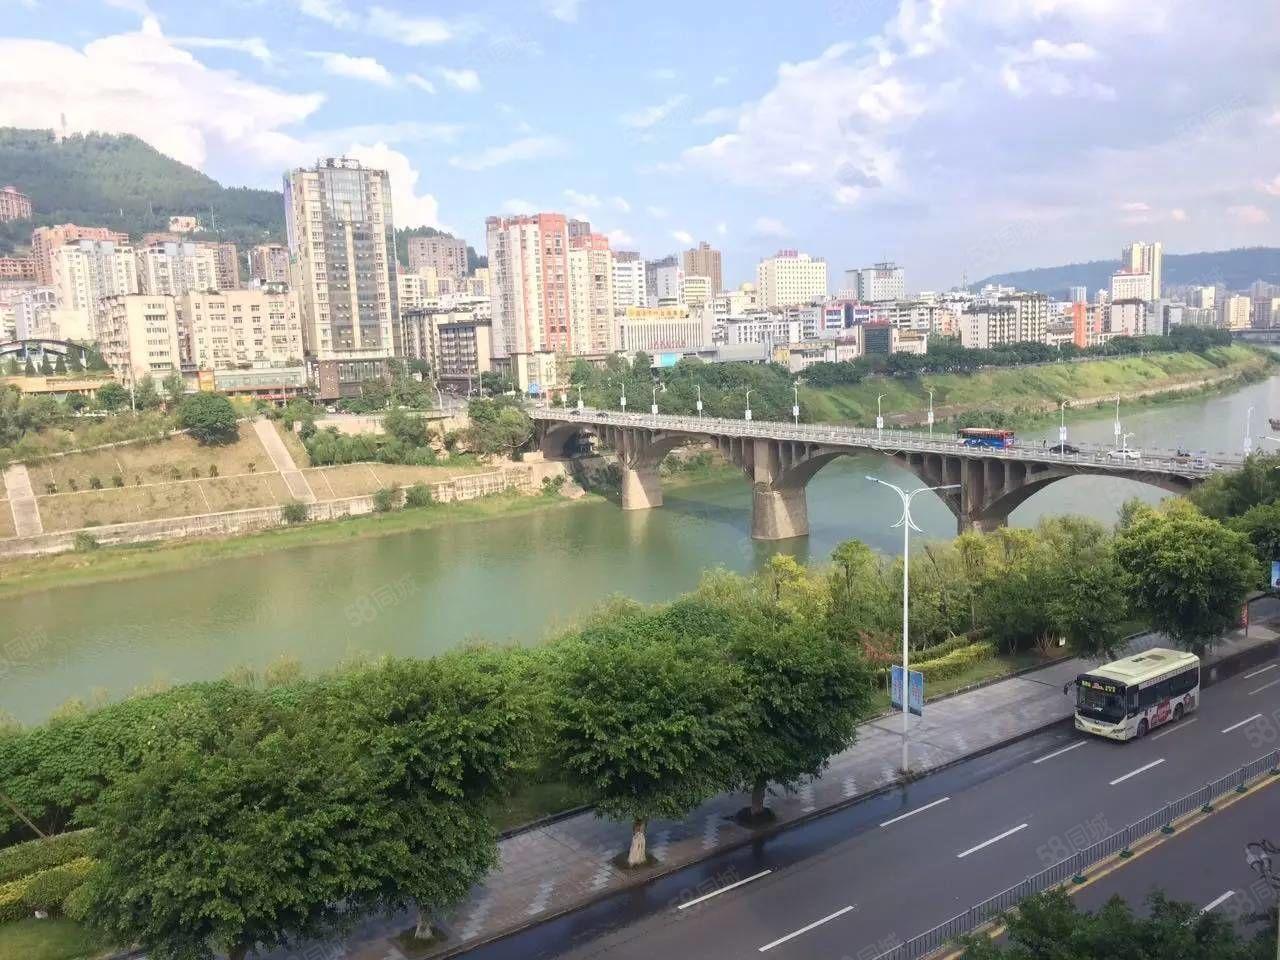 观巴城看河景柳津桥附近